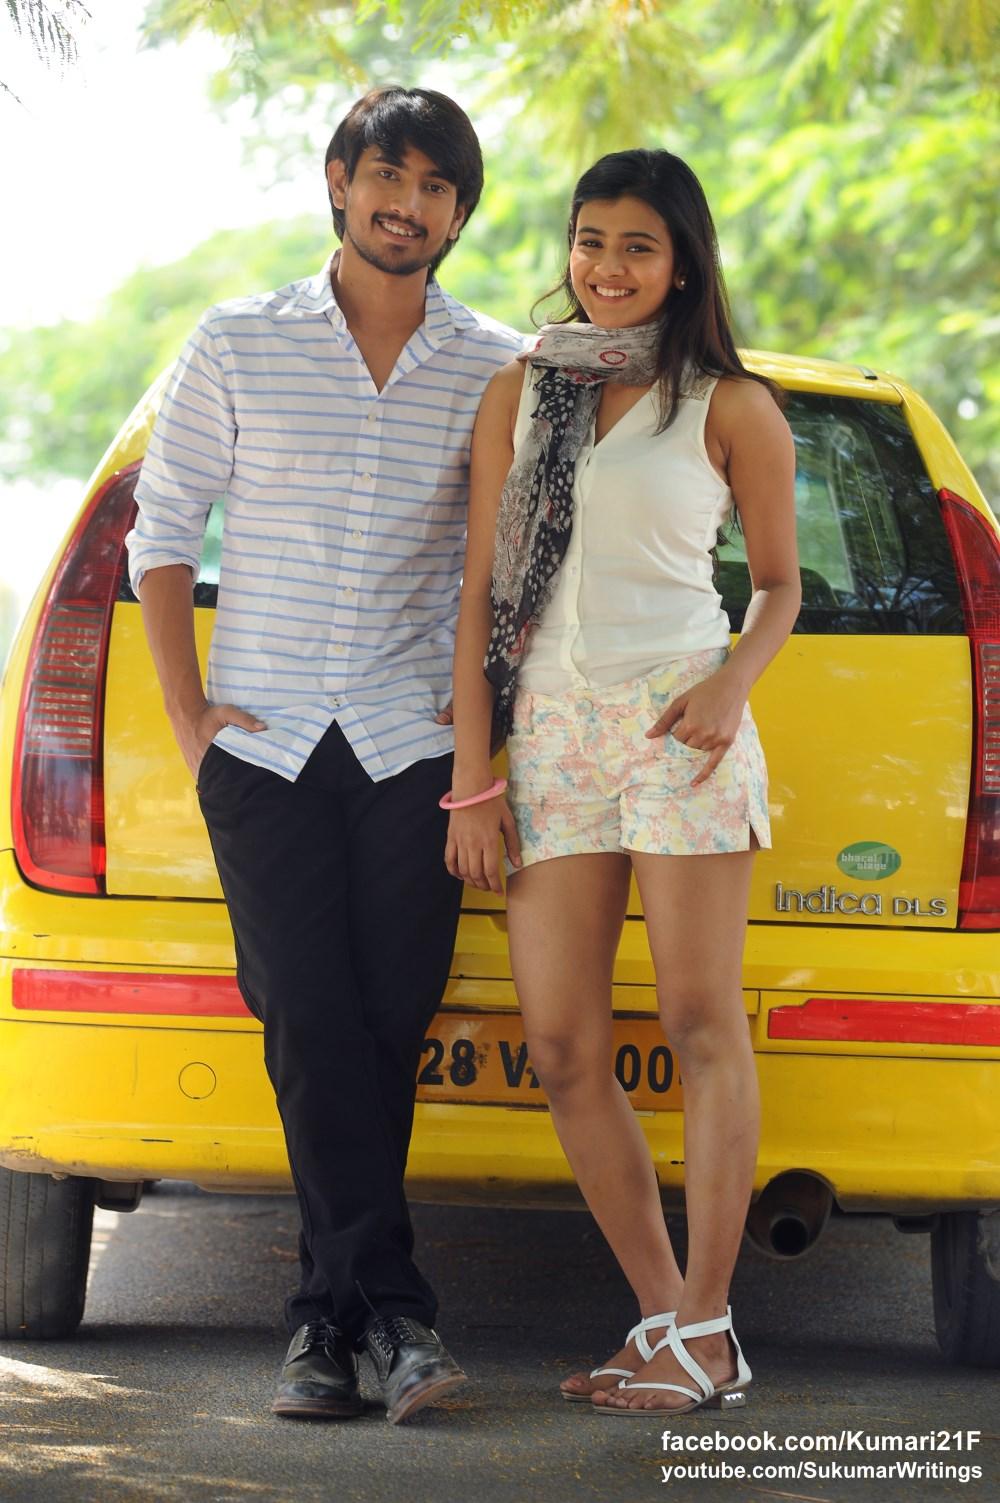 Hebah patel images 2 - Raj Tarun Hebah Patel In Kumari 21f Movie Stills